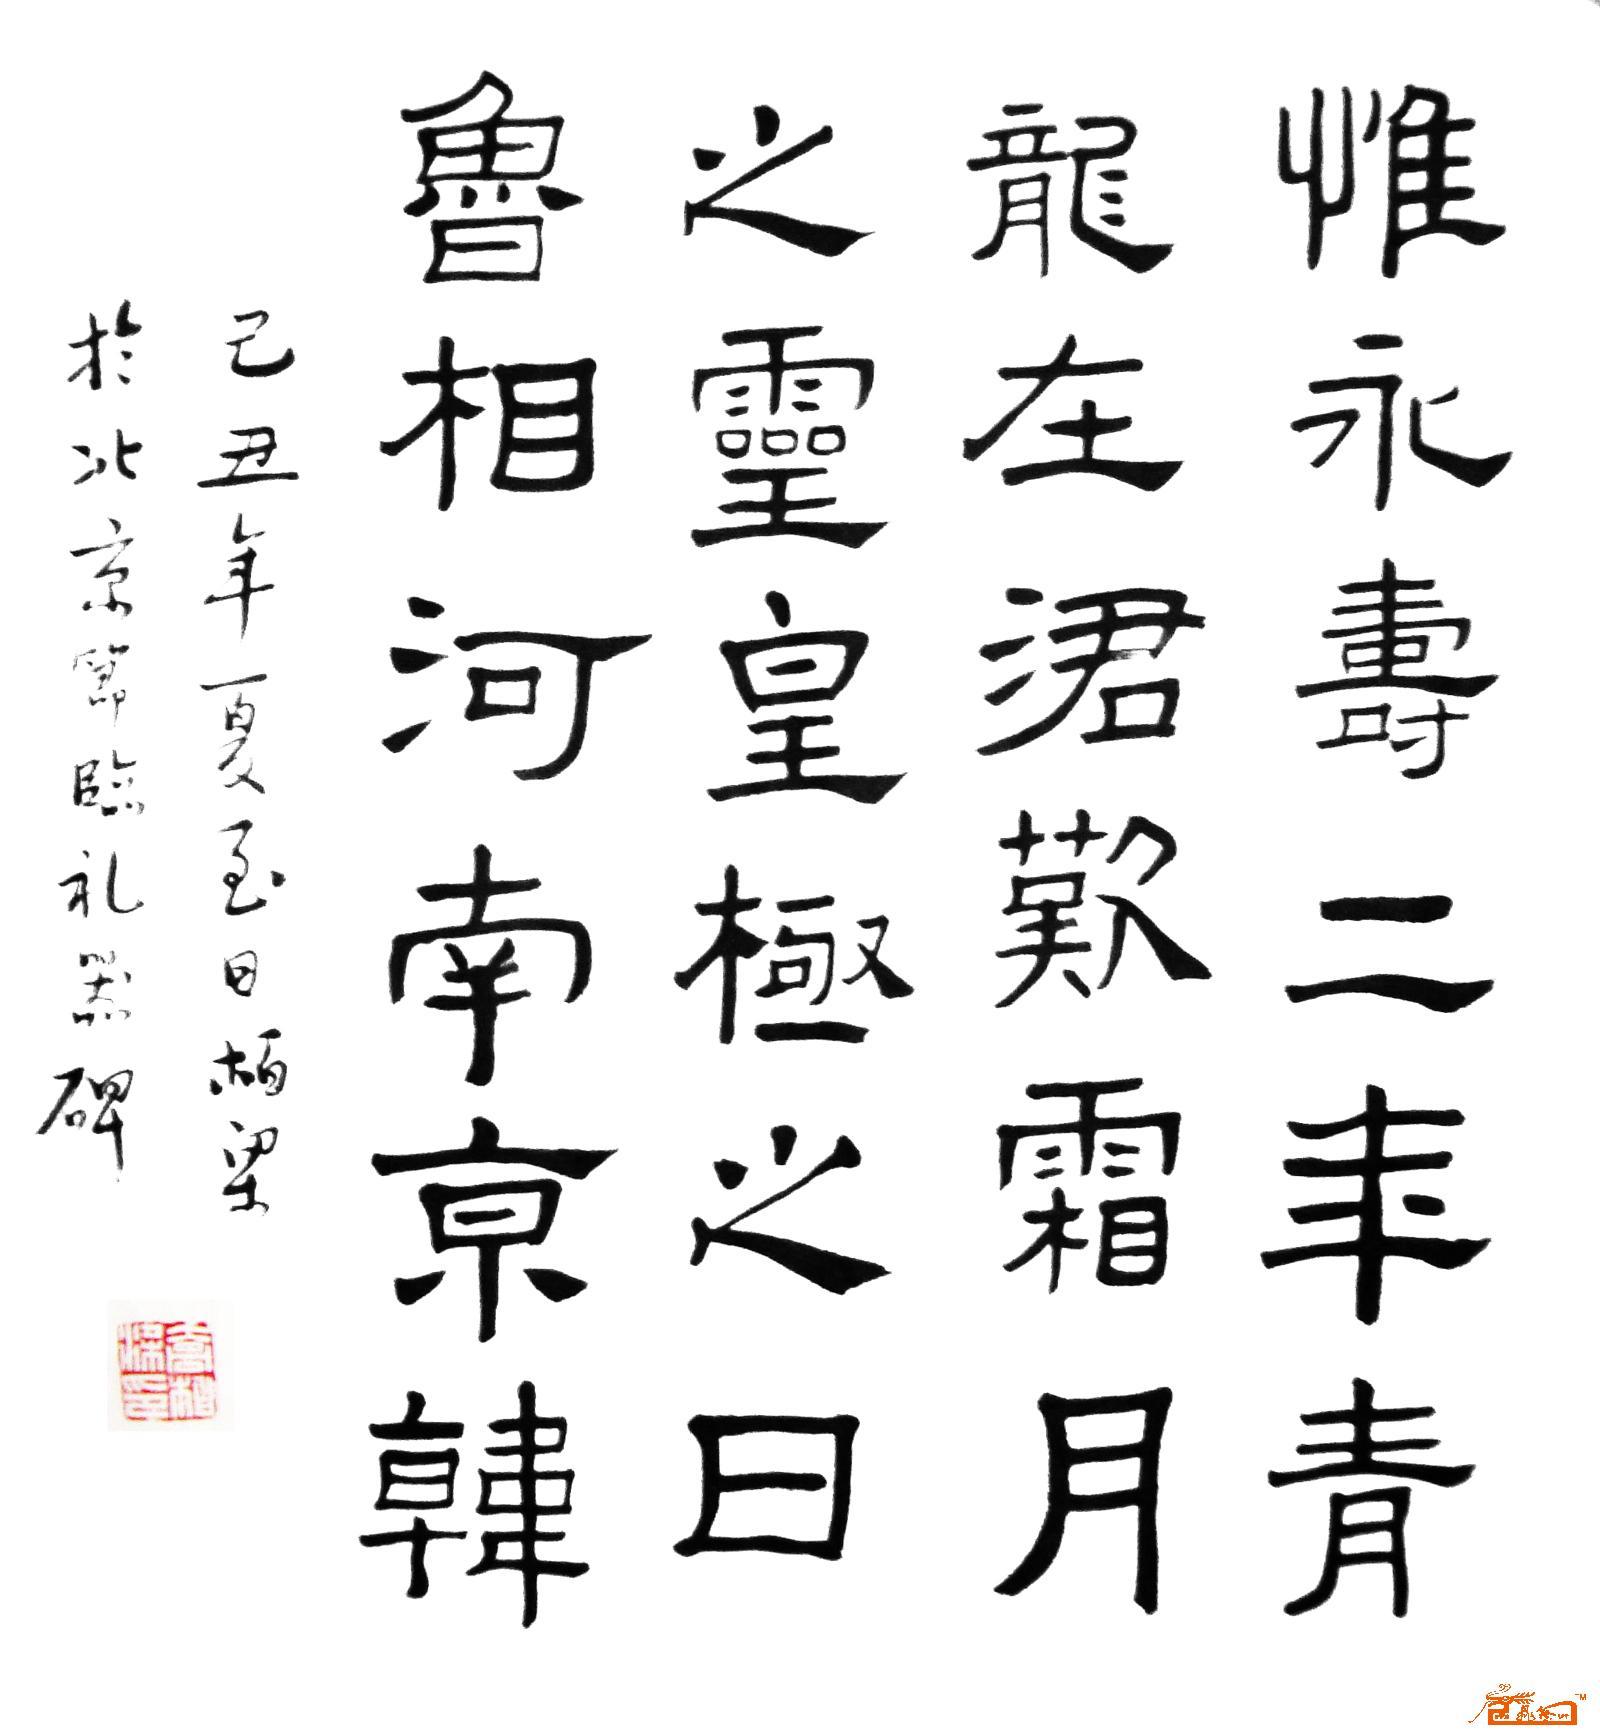 惊叹的中国剪纸艺术 书画艺术 传统艺术